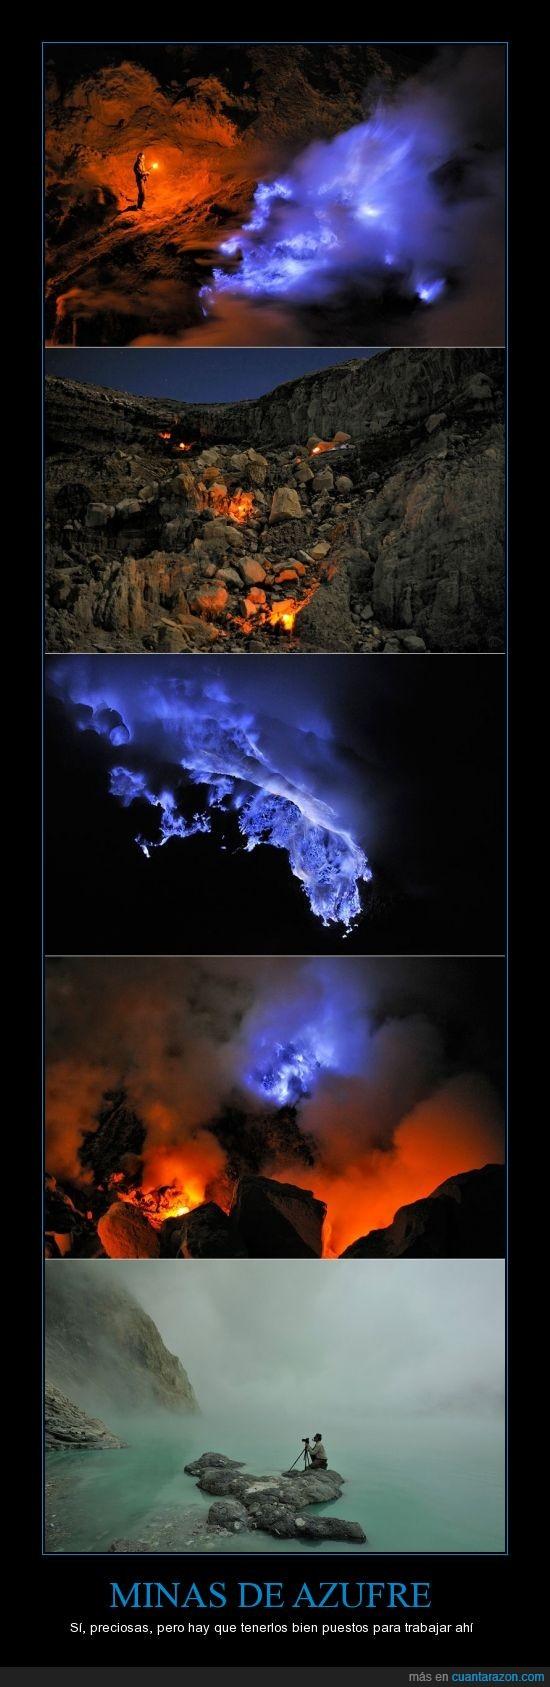 aire venenoso,azufre,fuego azul,mina,respira y muere,volcan